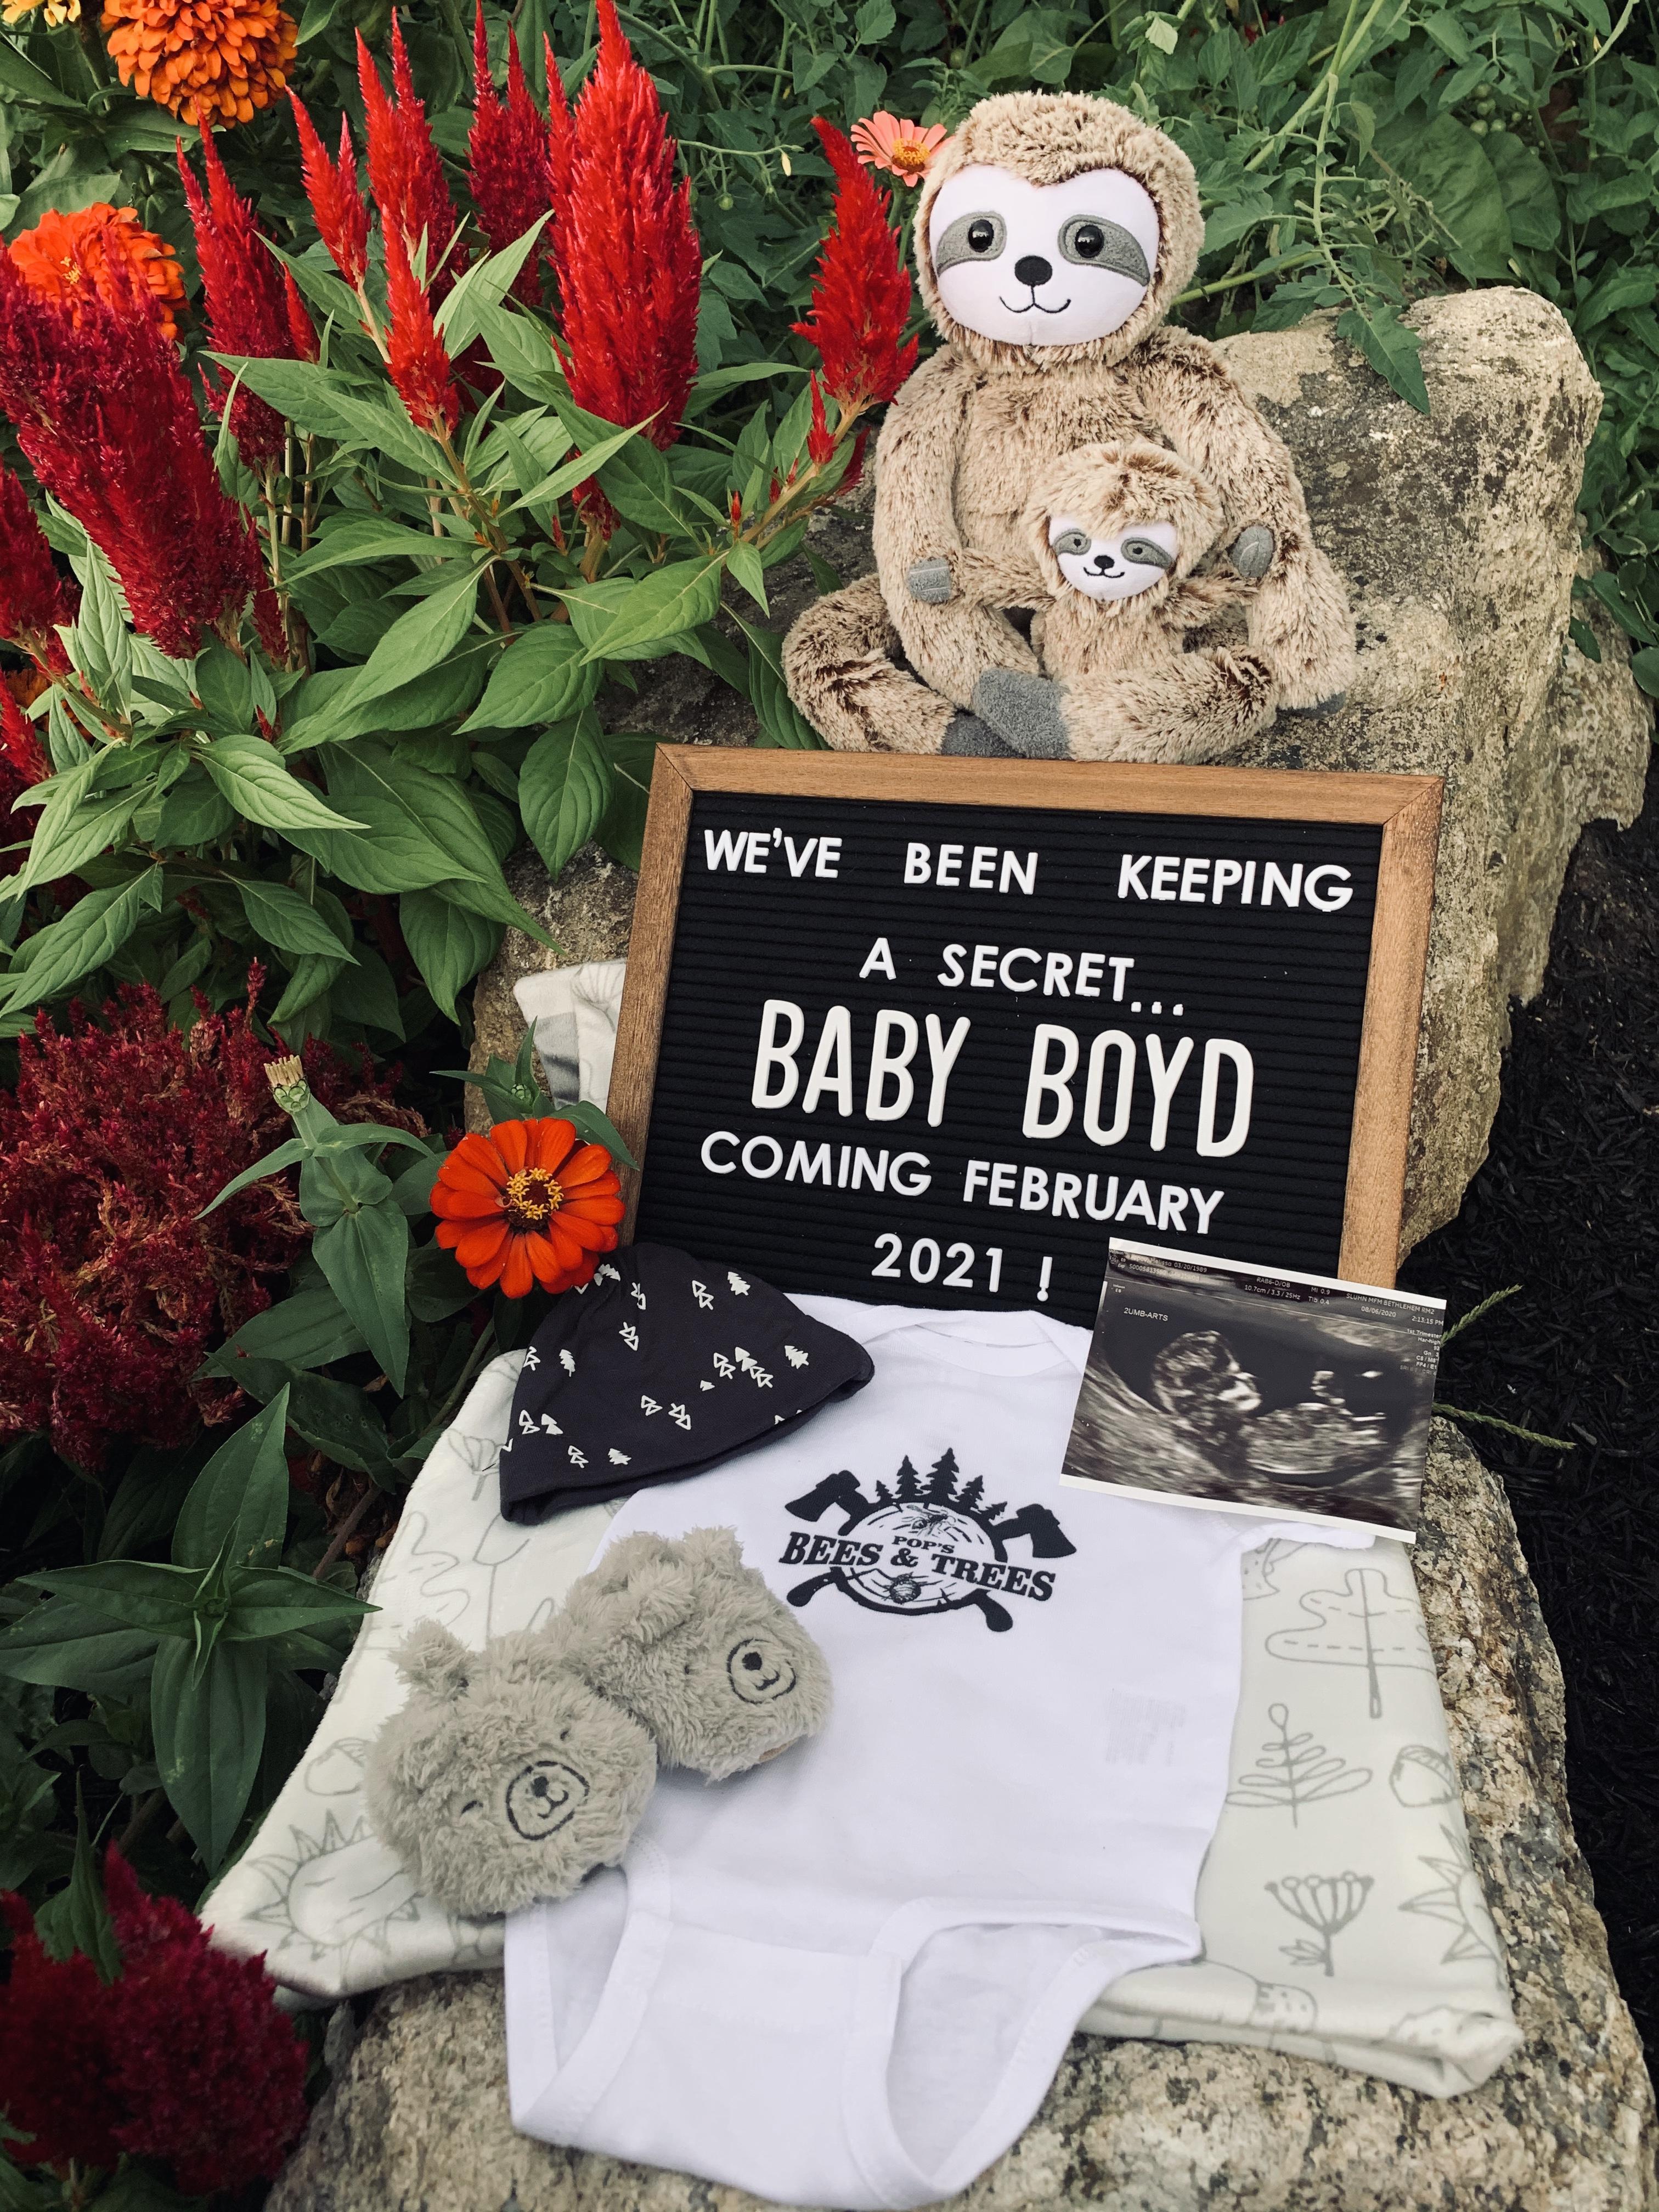 Baby Boyd